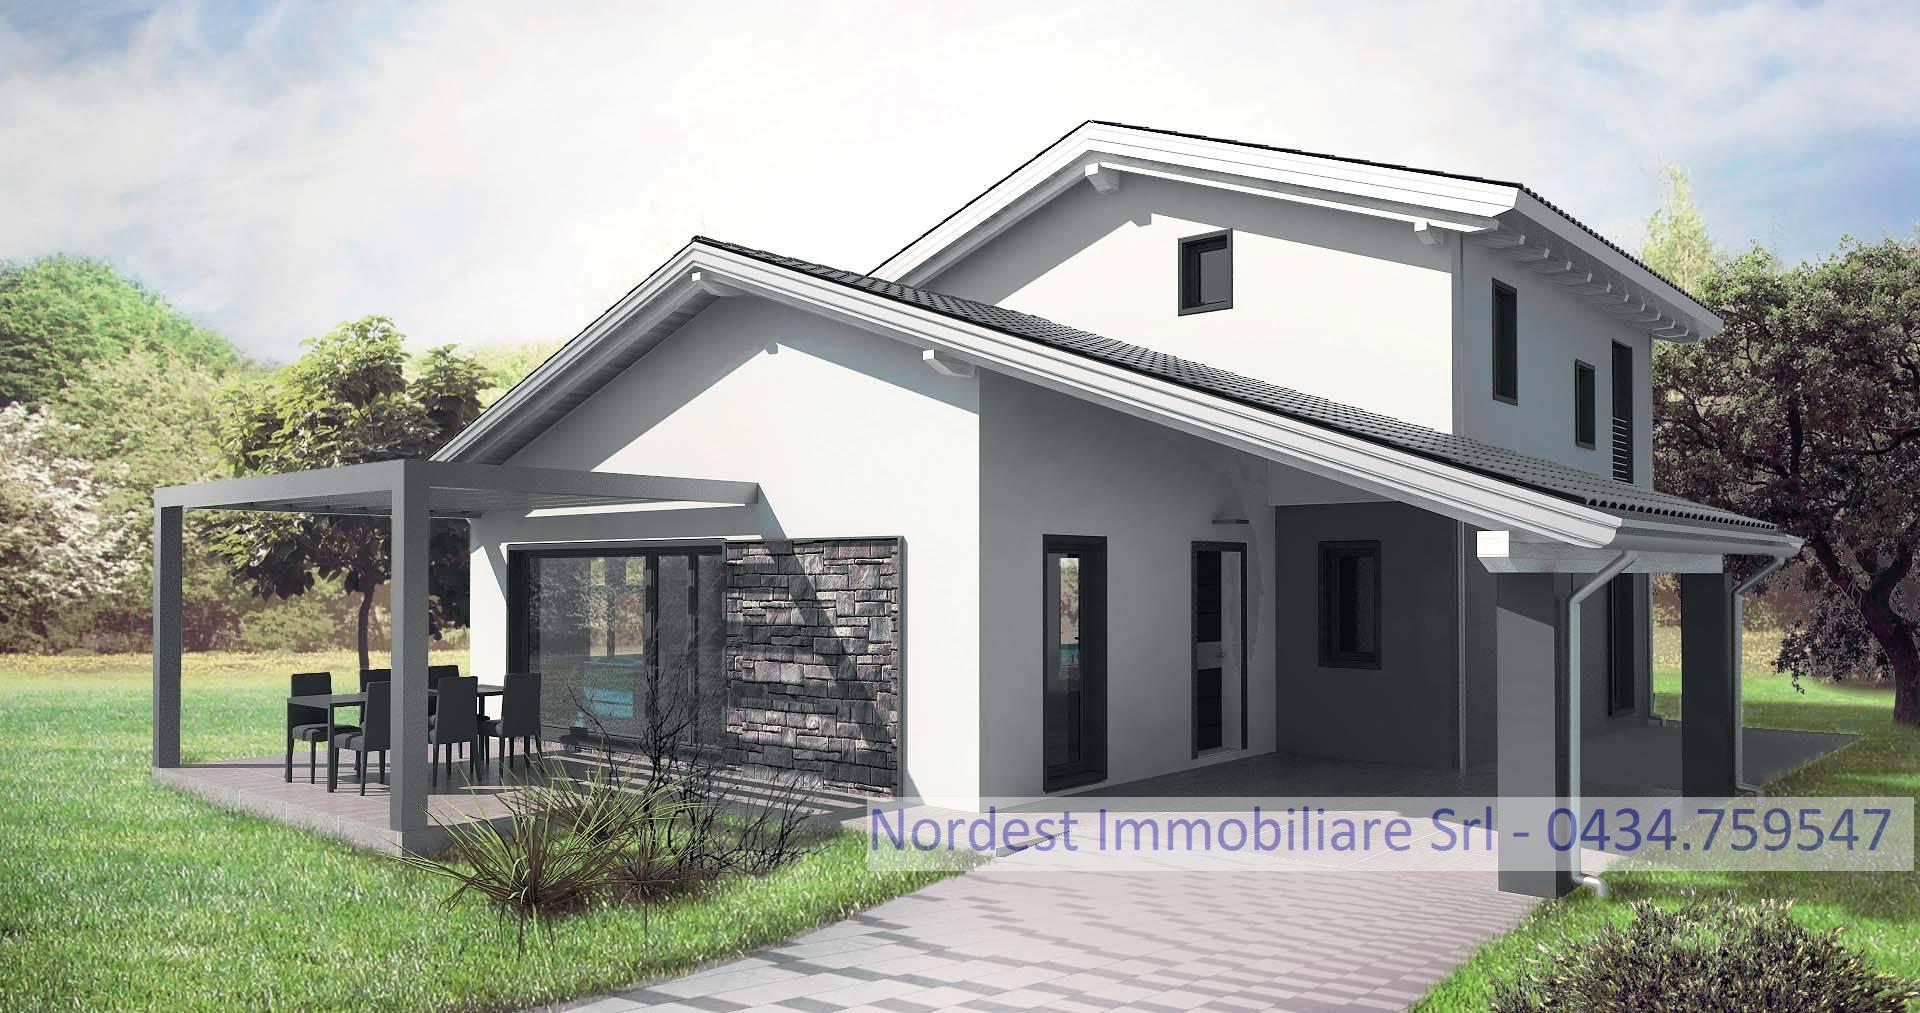 Soluzione Indipendente in vendita a Mel, 6 locali, prezzo € 160.000 | CambioCasa.it